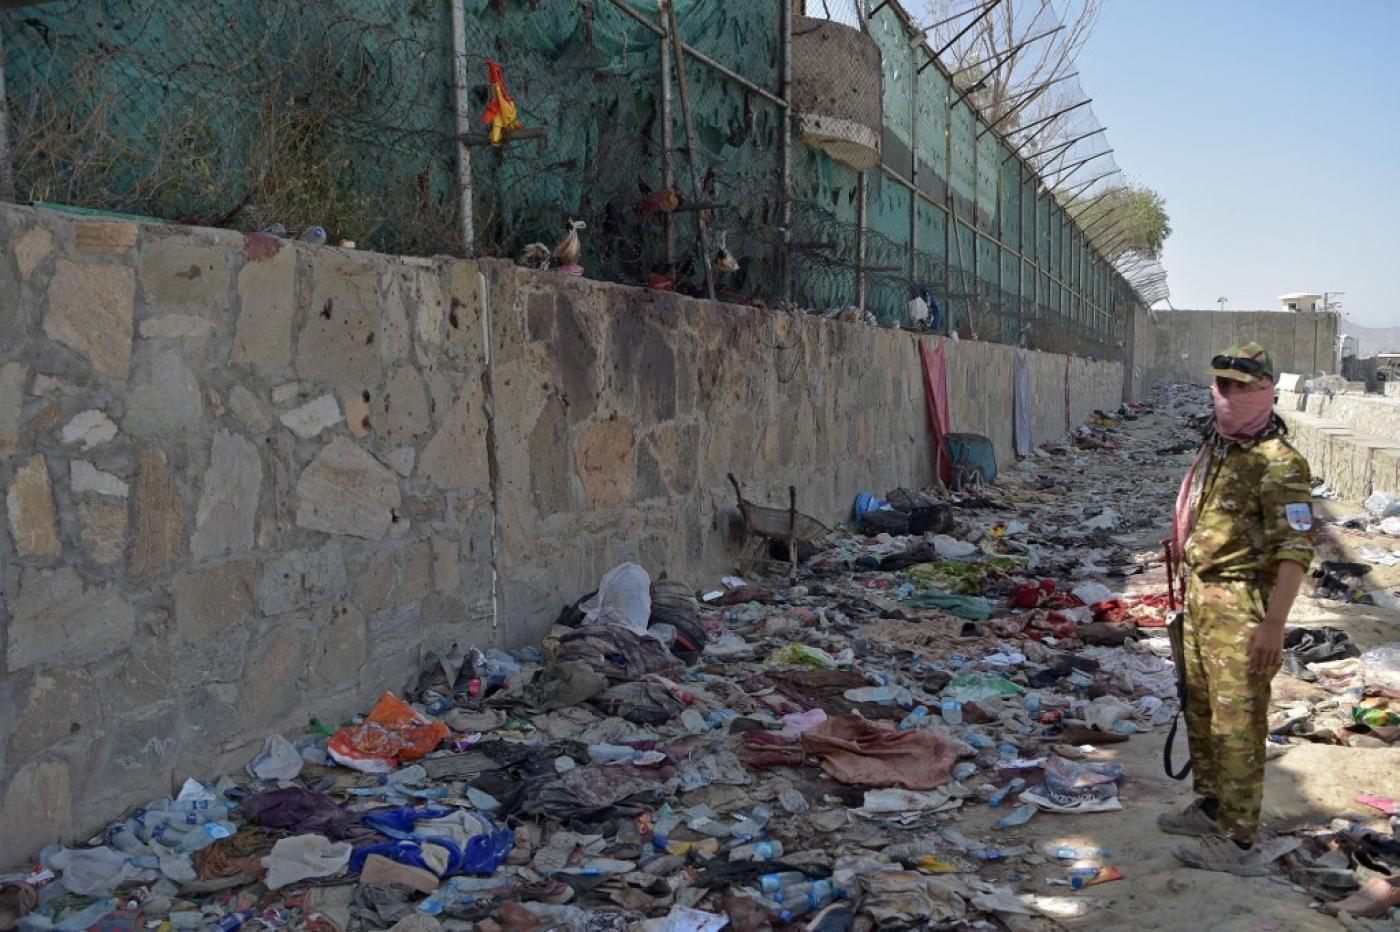 Sulmet në aeroportin e Kabulit, Pentagoni: Kërcënimi mbetet ende aktiv